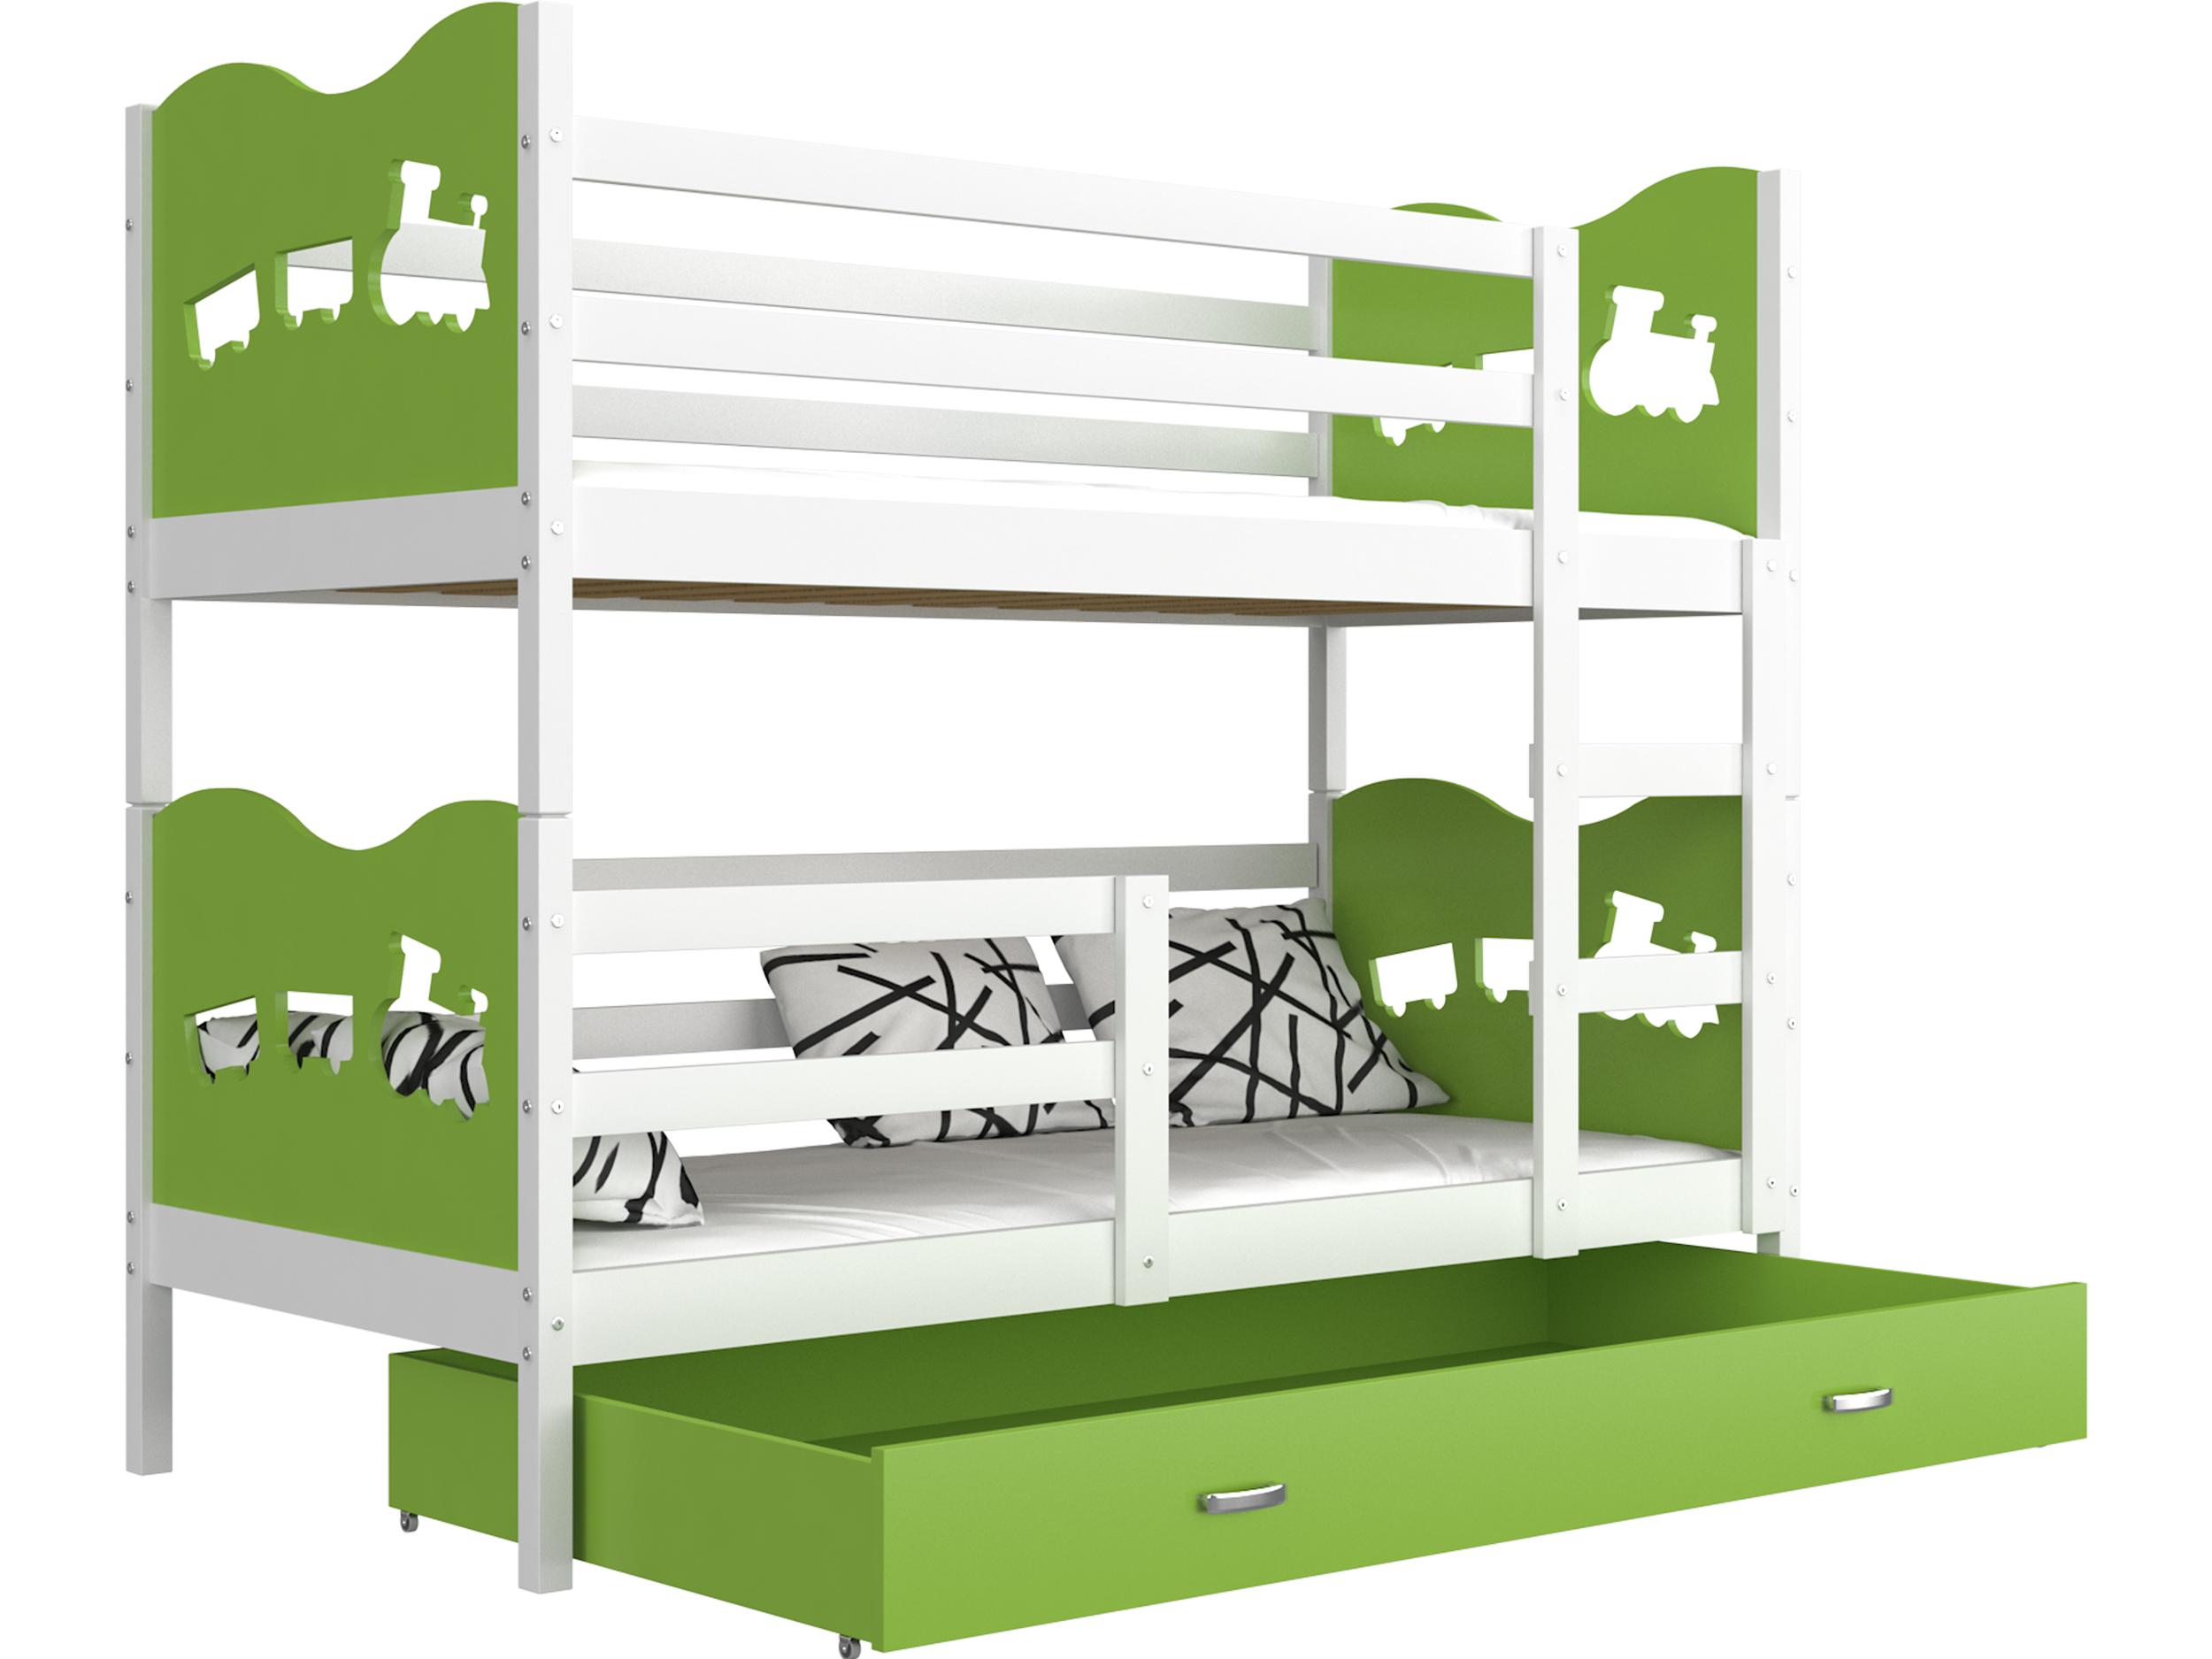 ArtAJ Detská poschodová posteľ MAX / MDF 200 x 90 cm Farba: biela / zelená, s matracom 200 x 90 cm